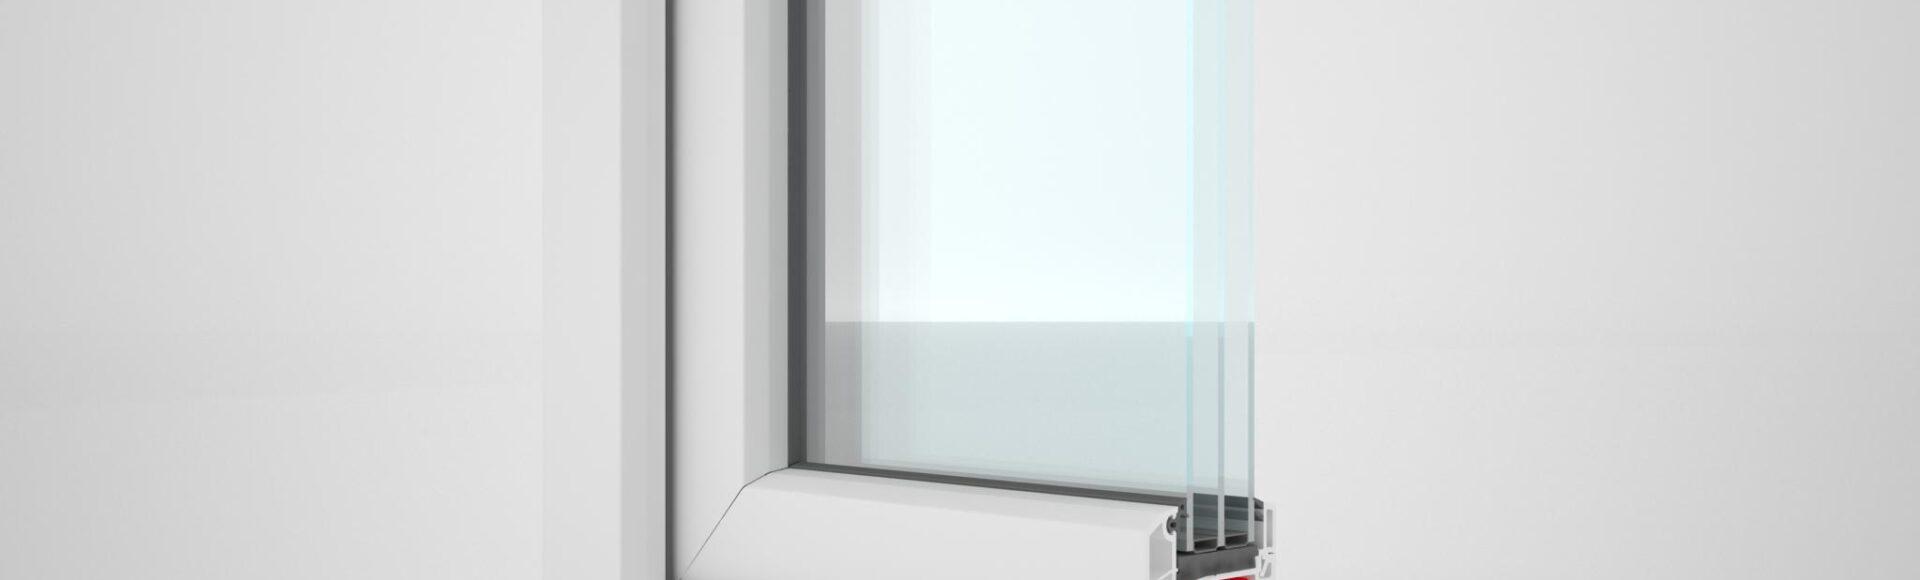 Как выбрать профиль для пластикового окна?